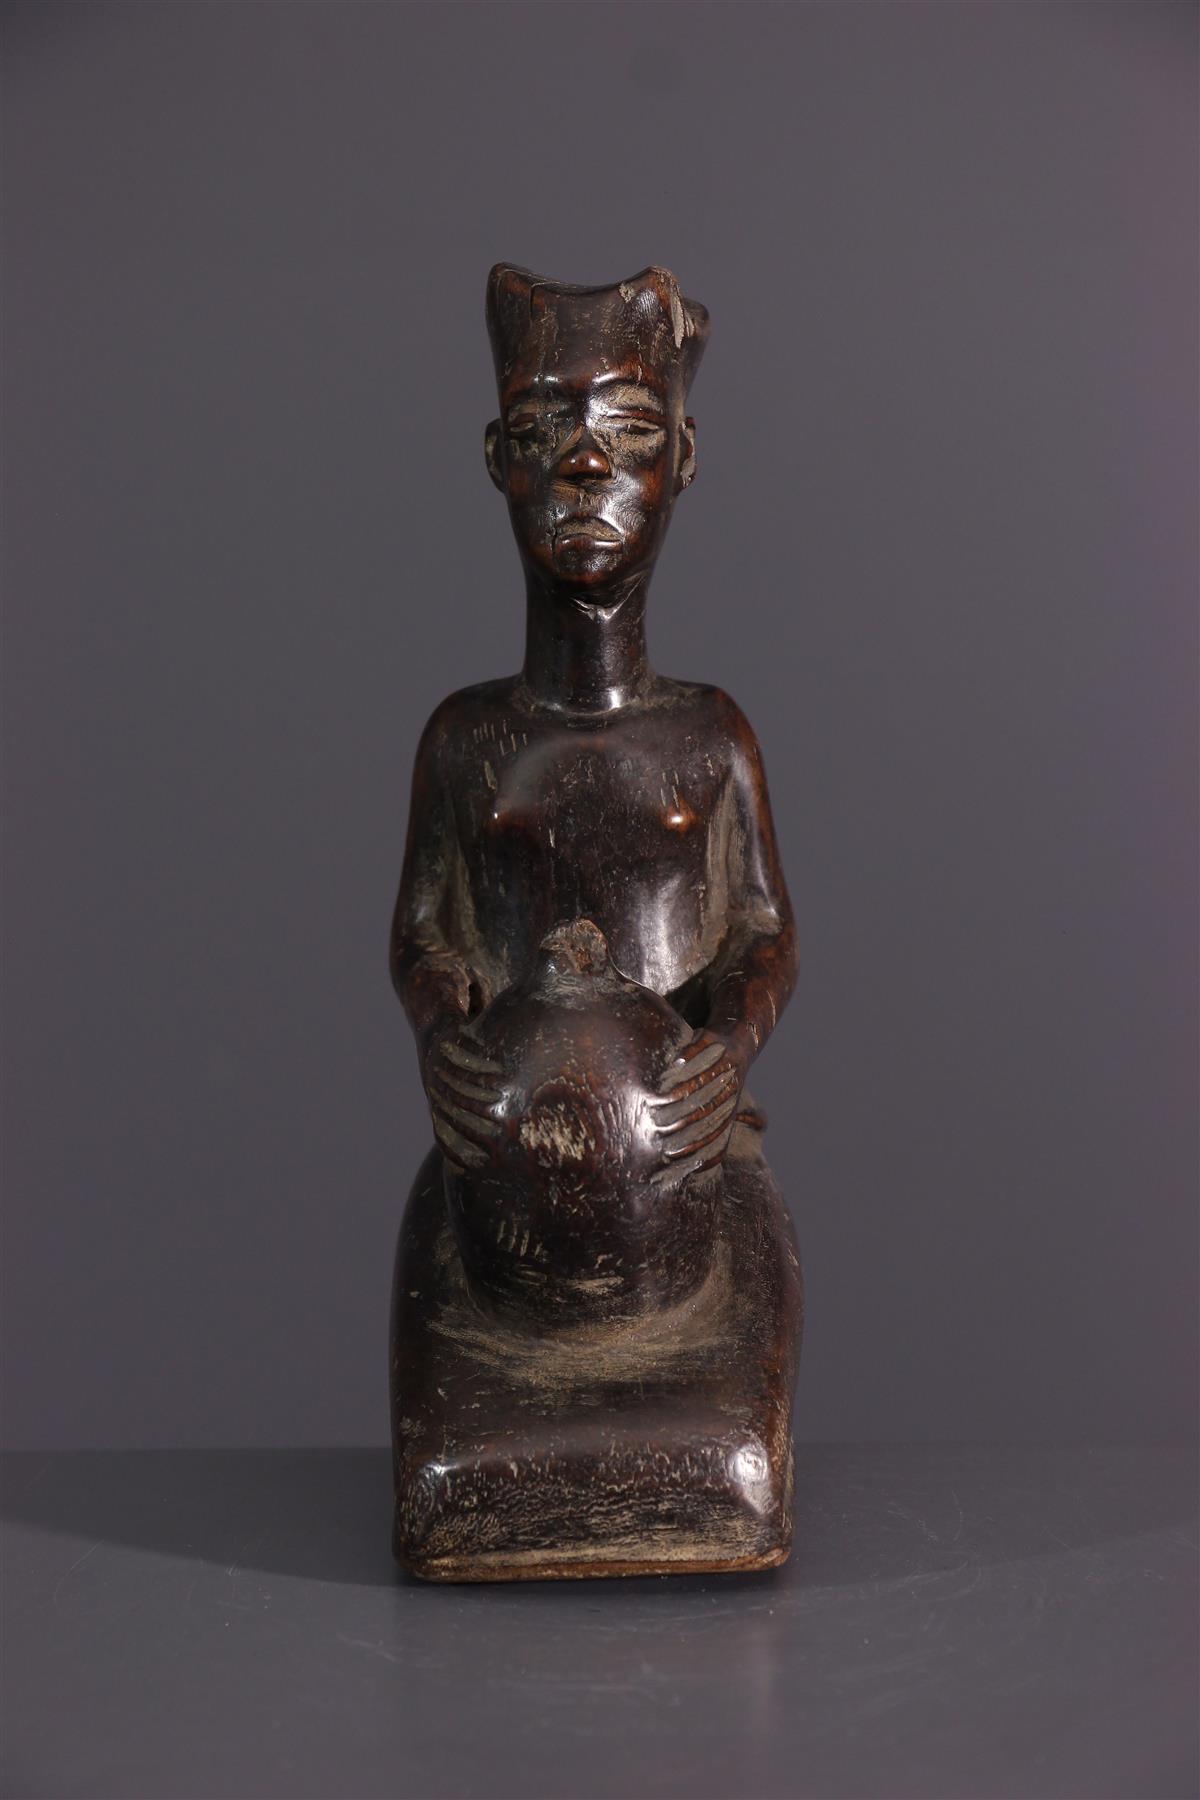 Shoowa statuette - African art